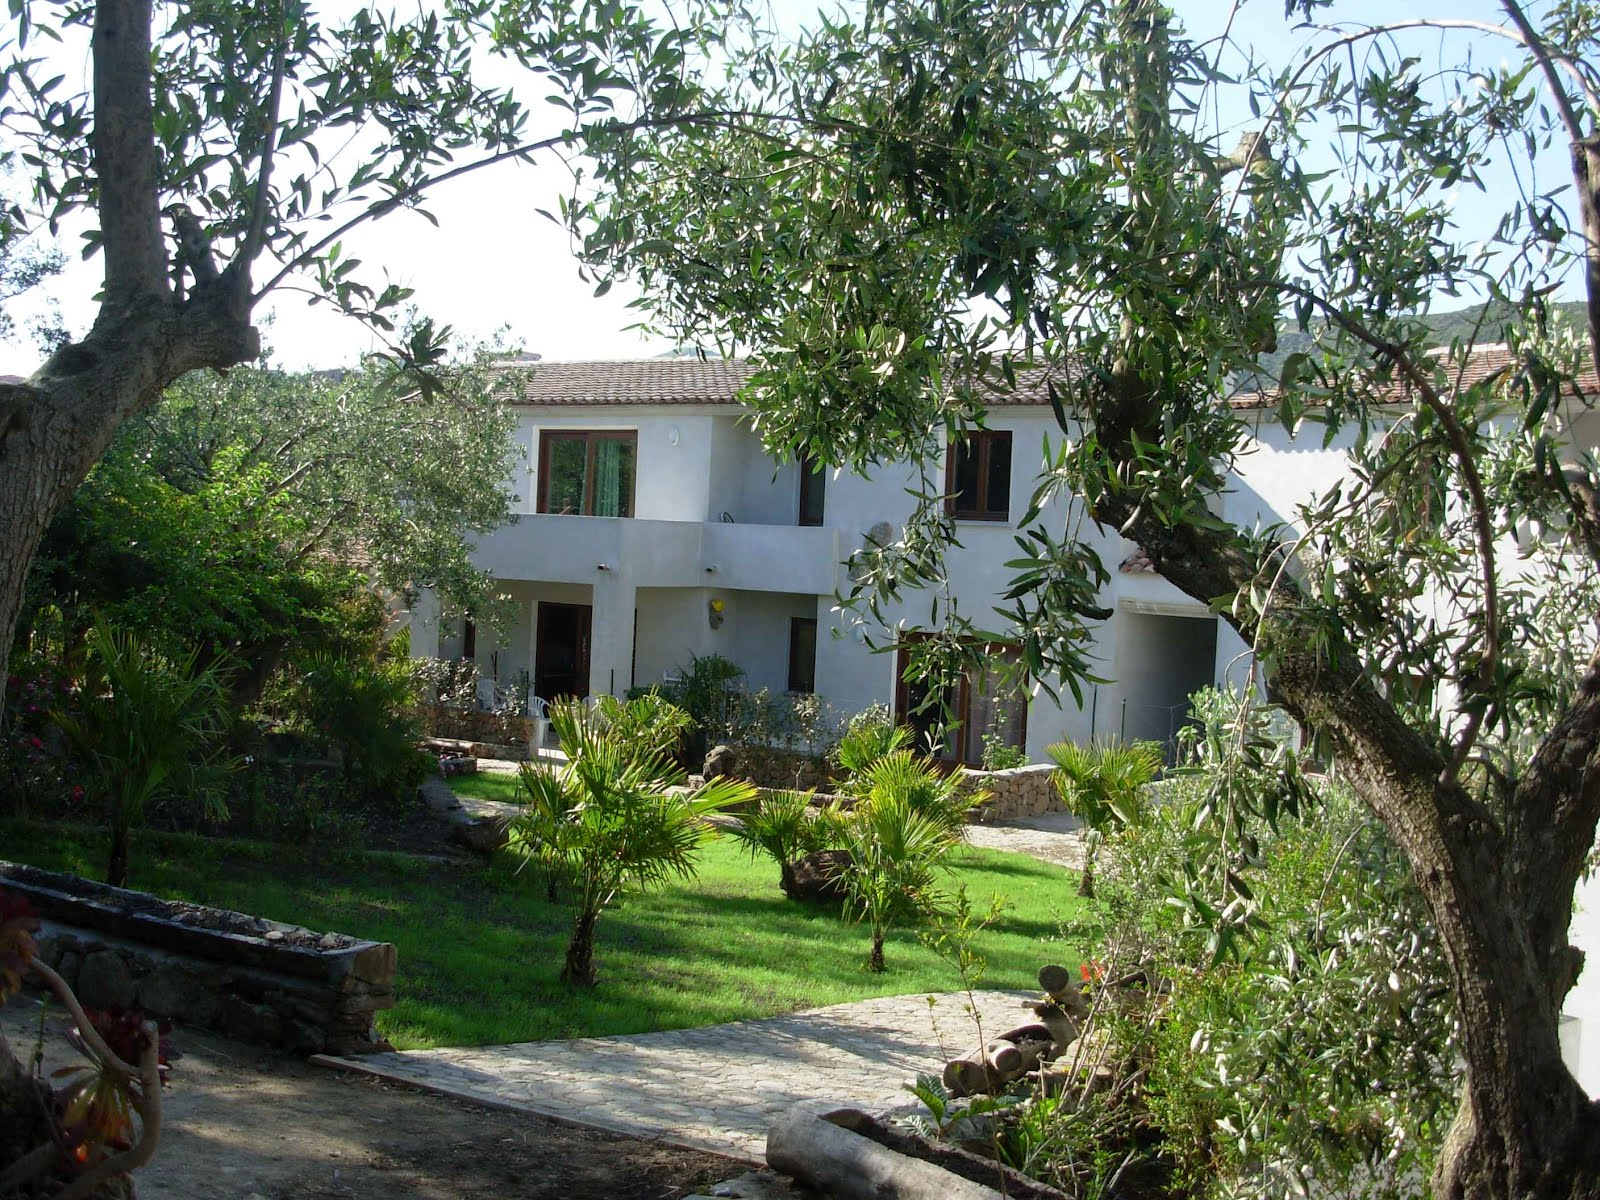 Vacanze sardegna casa vacanze in affitto budoni tanaunella for Case a budoni in affitto